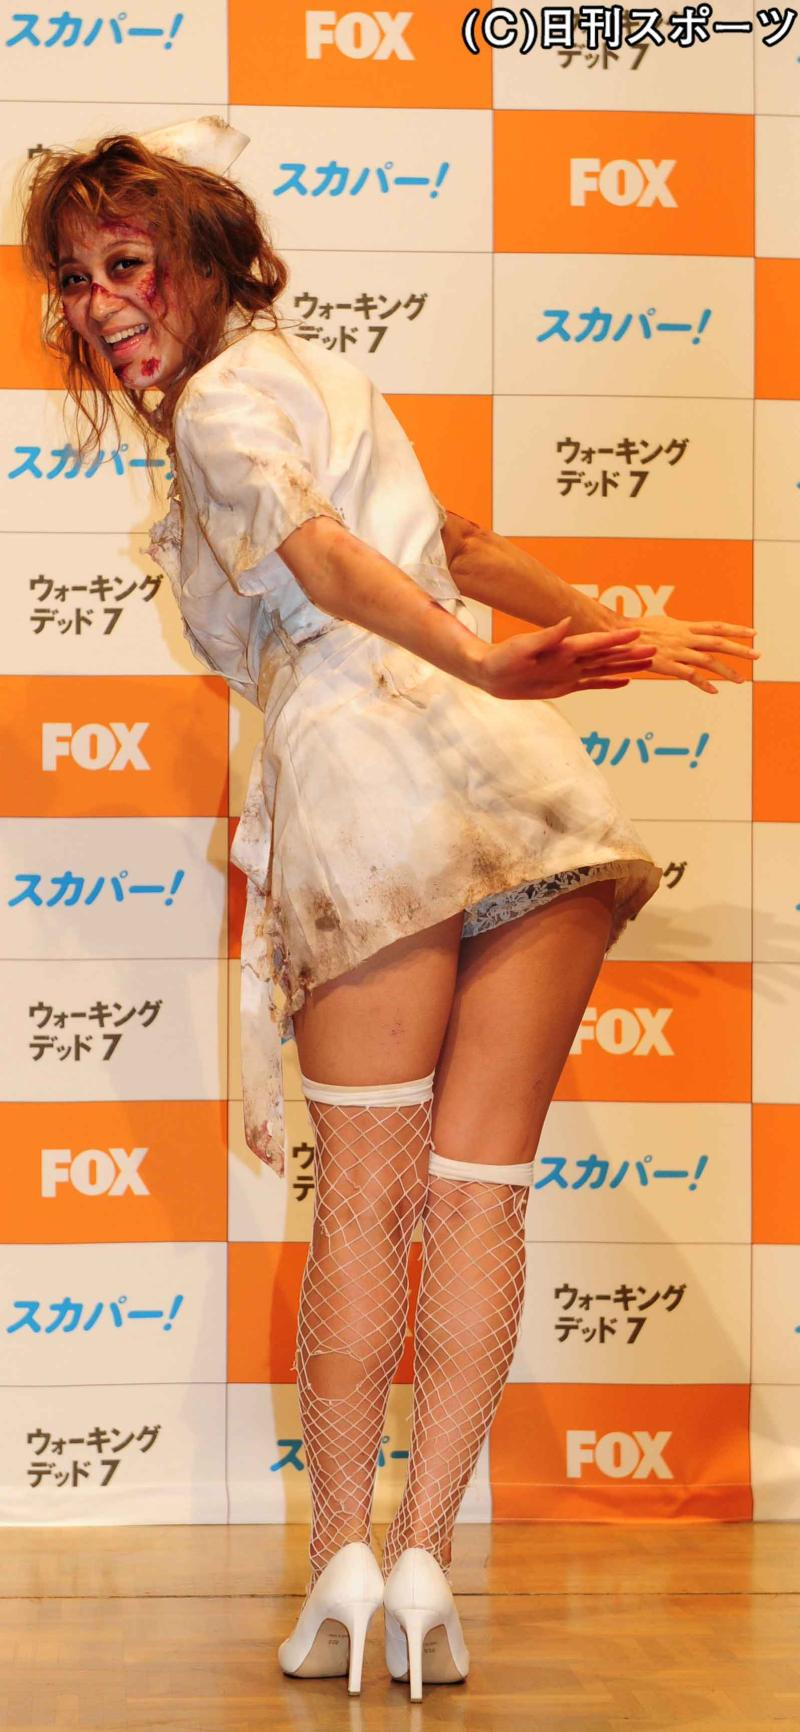 コスプレ衣装の鈴木奈々さん